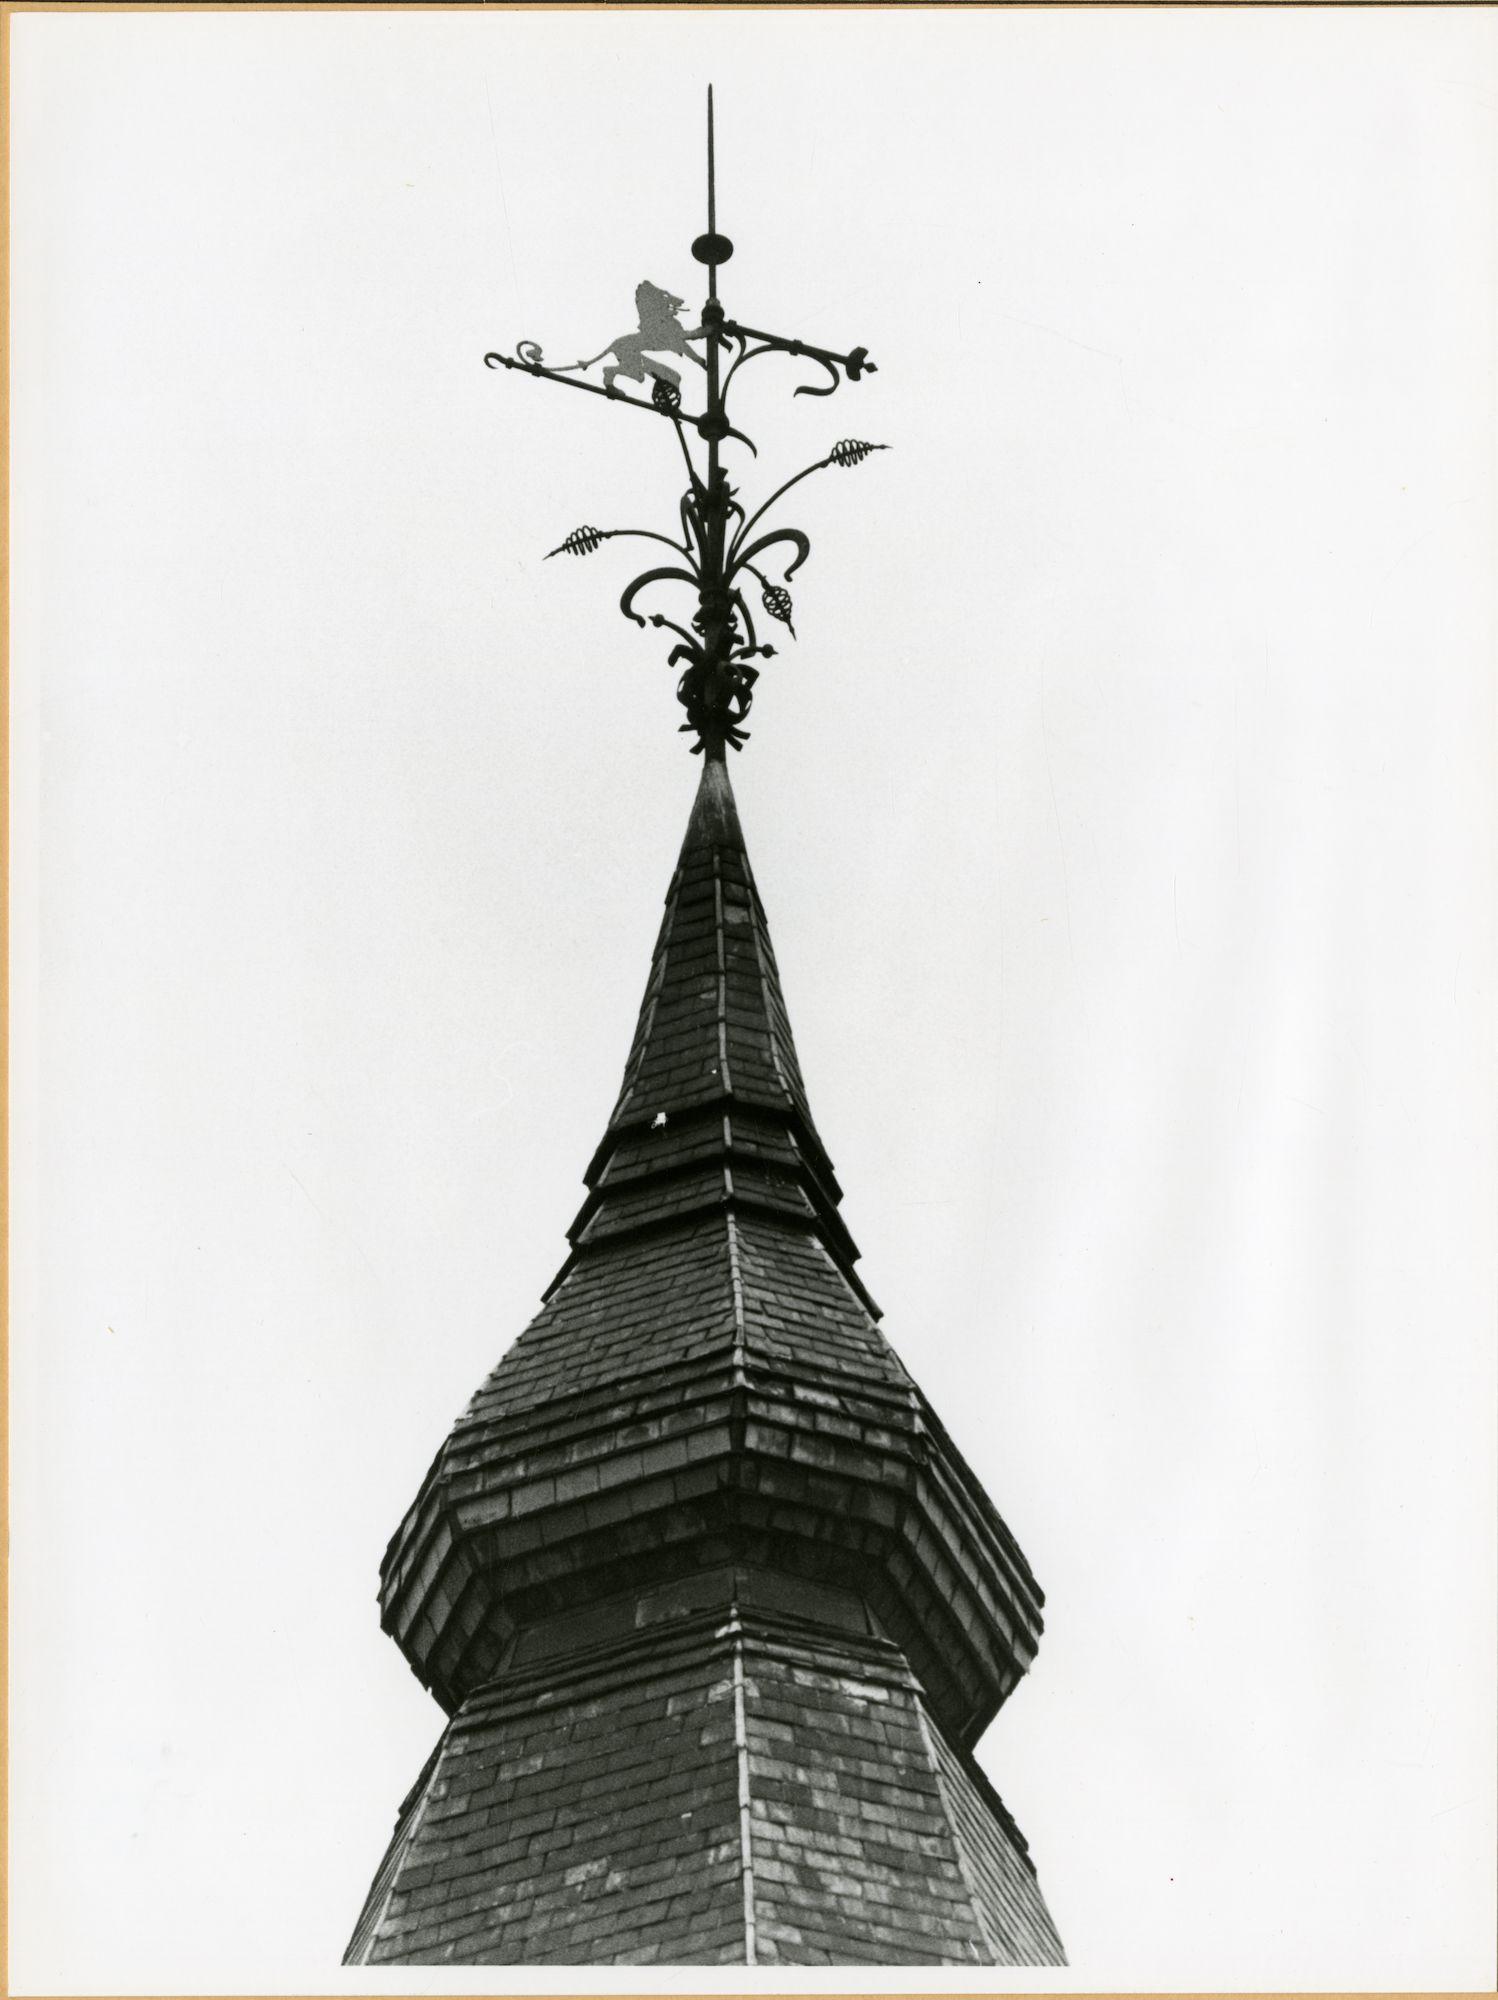 Gent: Eendrachtstraat: windwijzer, 1979